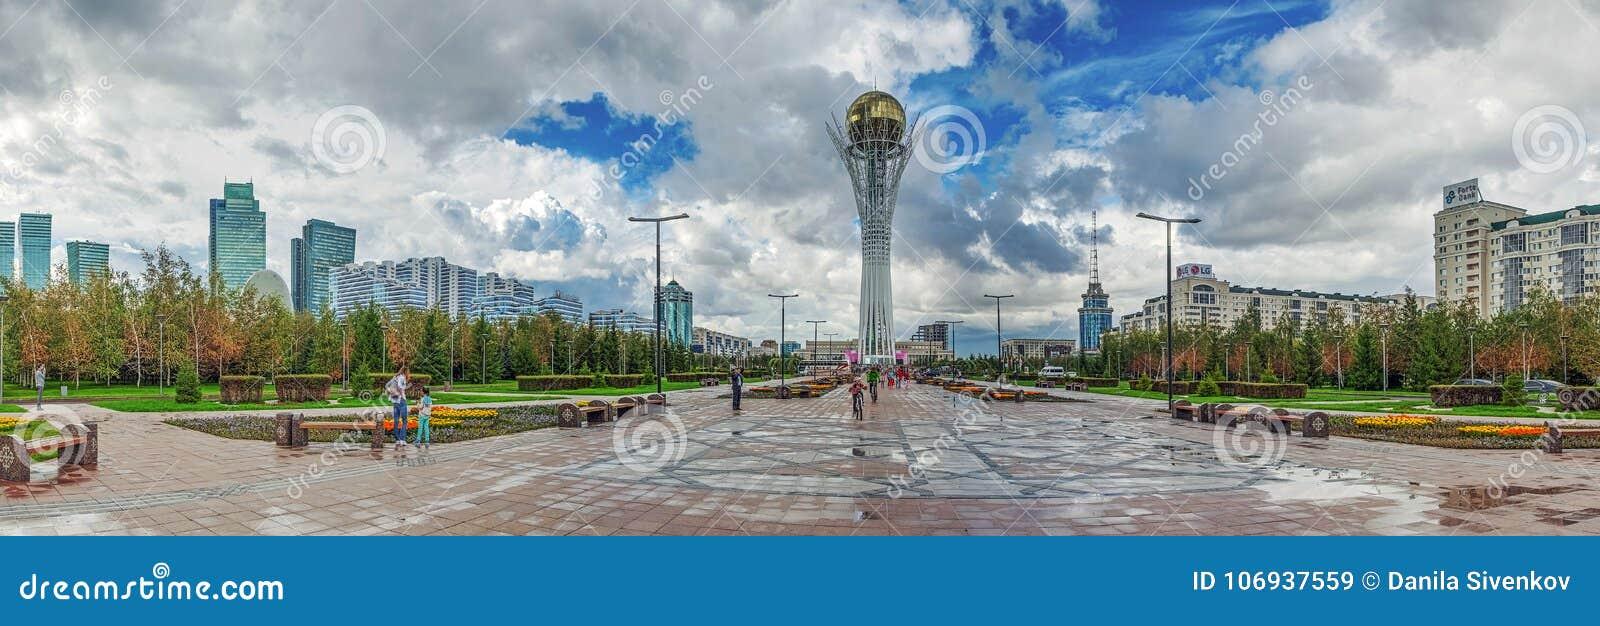 ASTANA, KAZACHSTAN - JULI 2, 2016: Vooruitzichttoren Baiterek